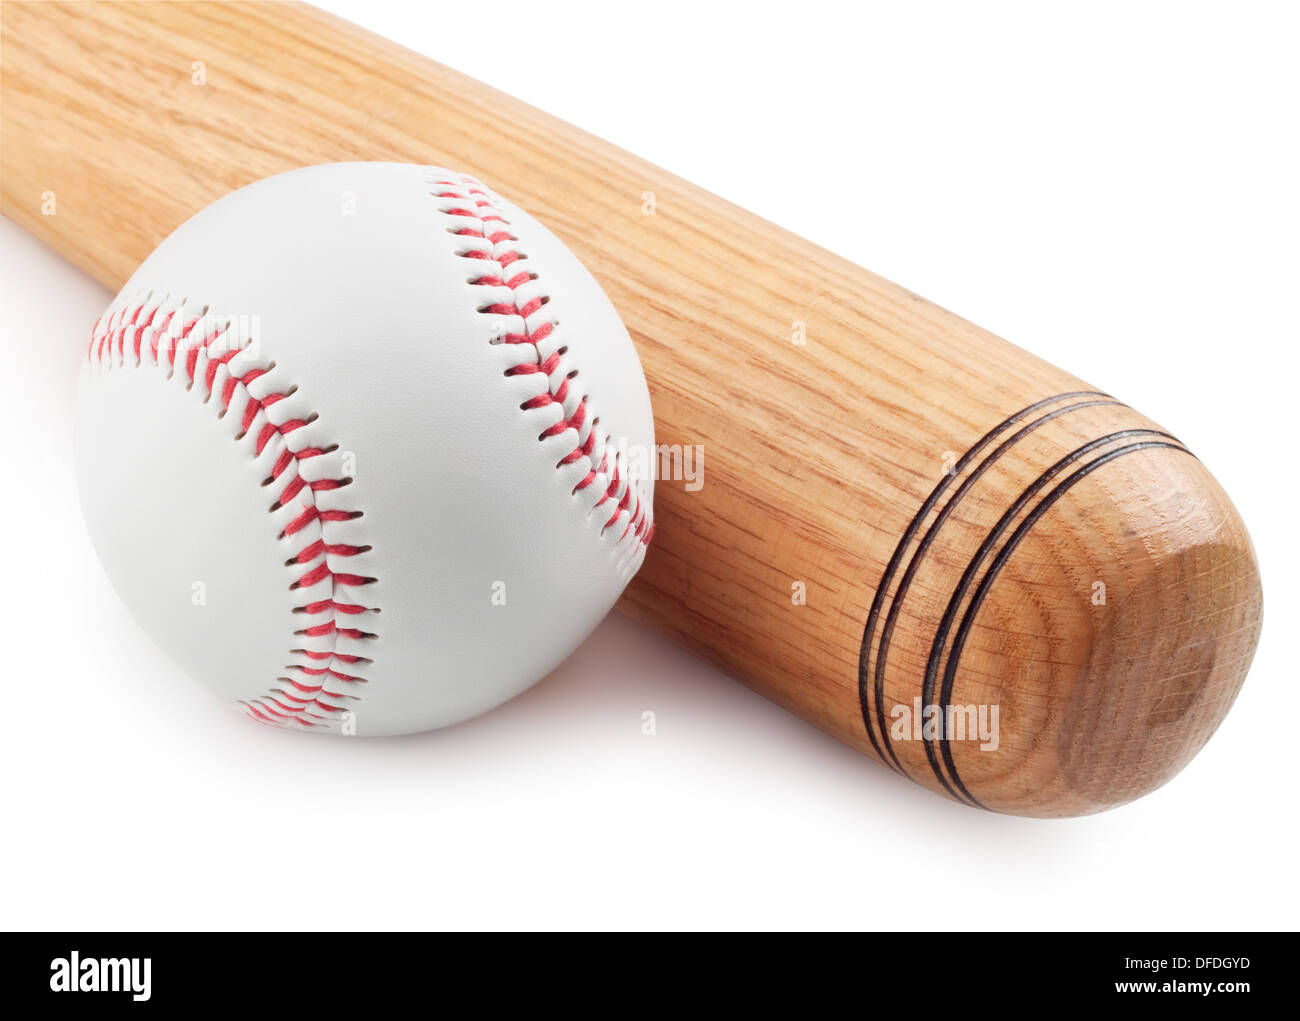 Baseball and baseball bat on white background - Stock Image